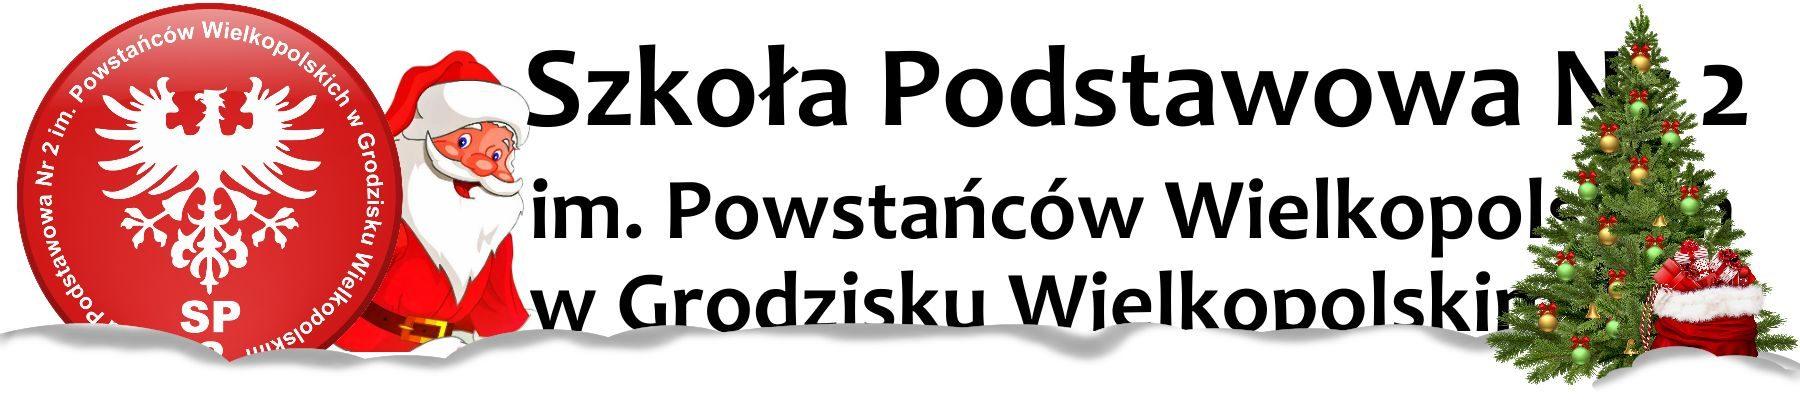 Szkola Podstawowa Nr 2 im. Powstancow Wielkopolskich w Grodzisku Wlkp.